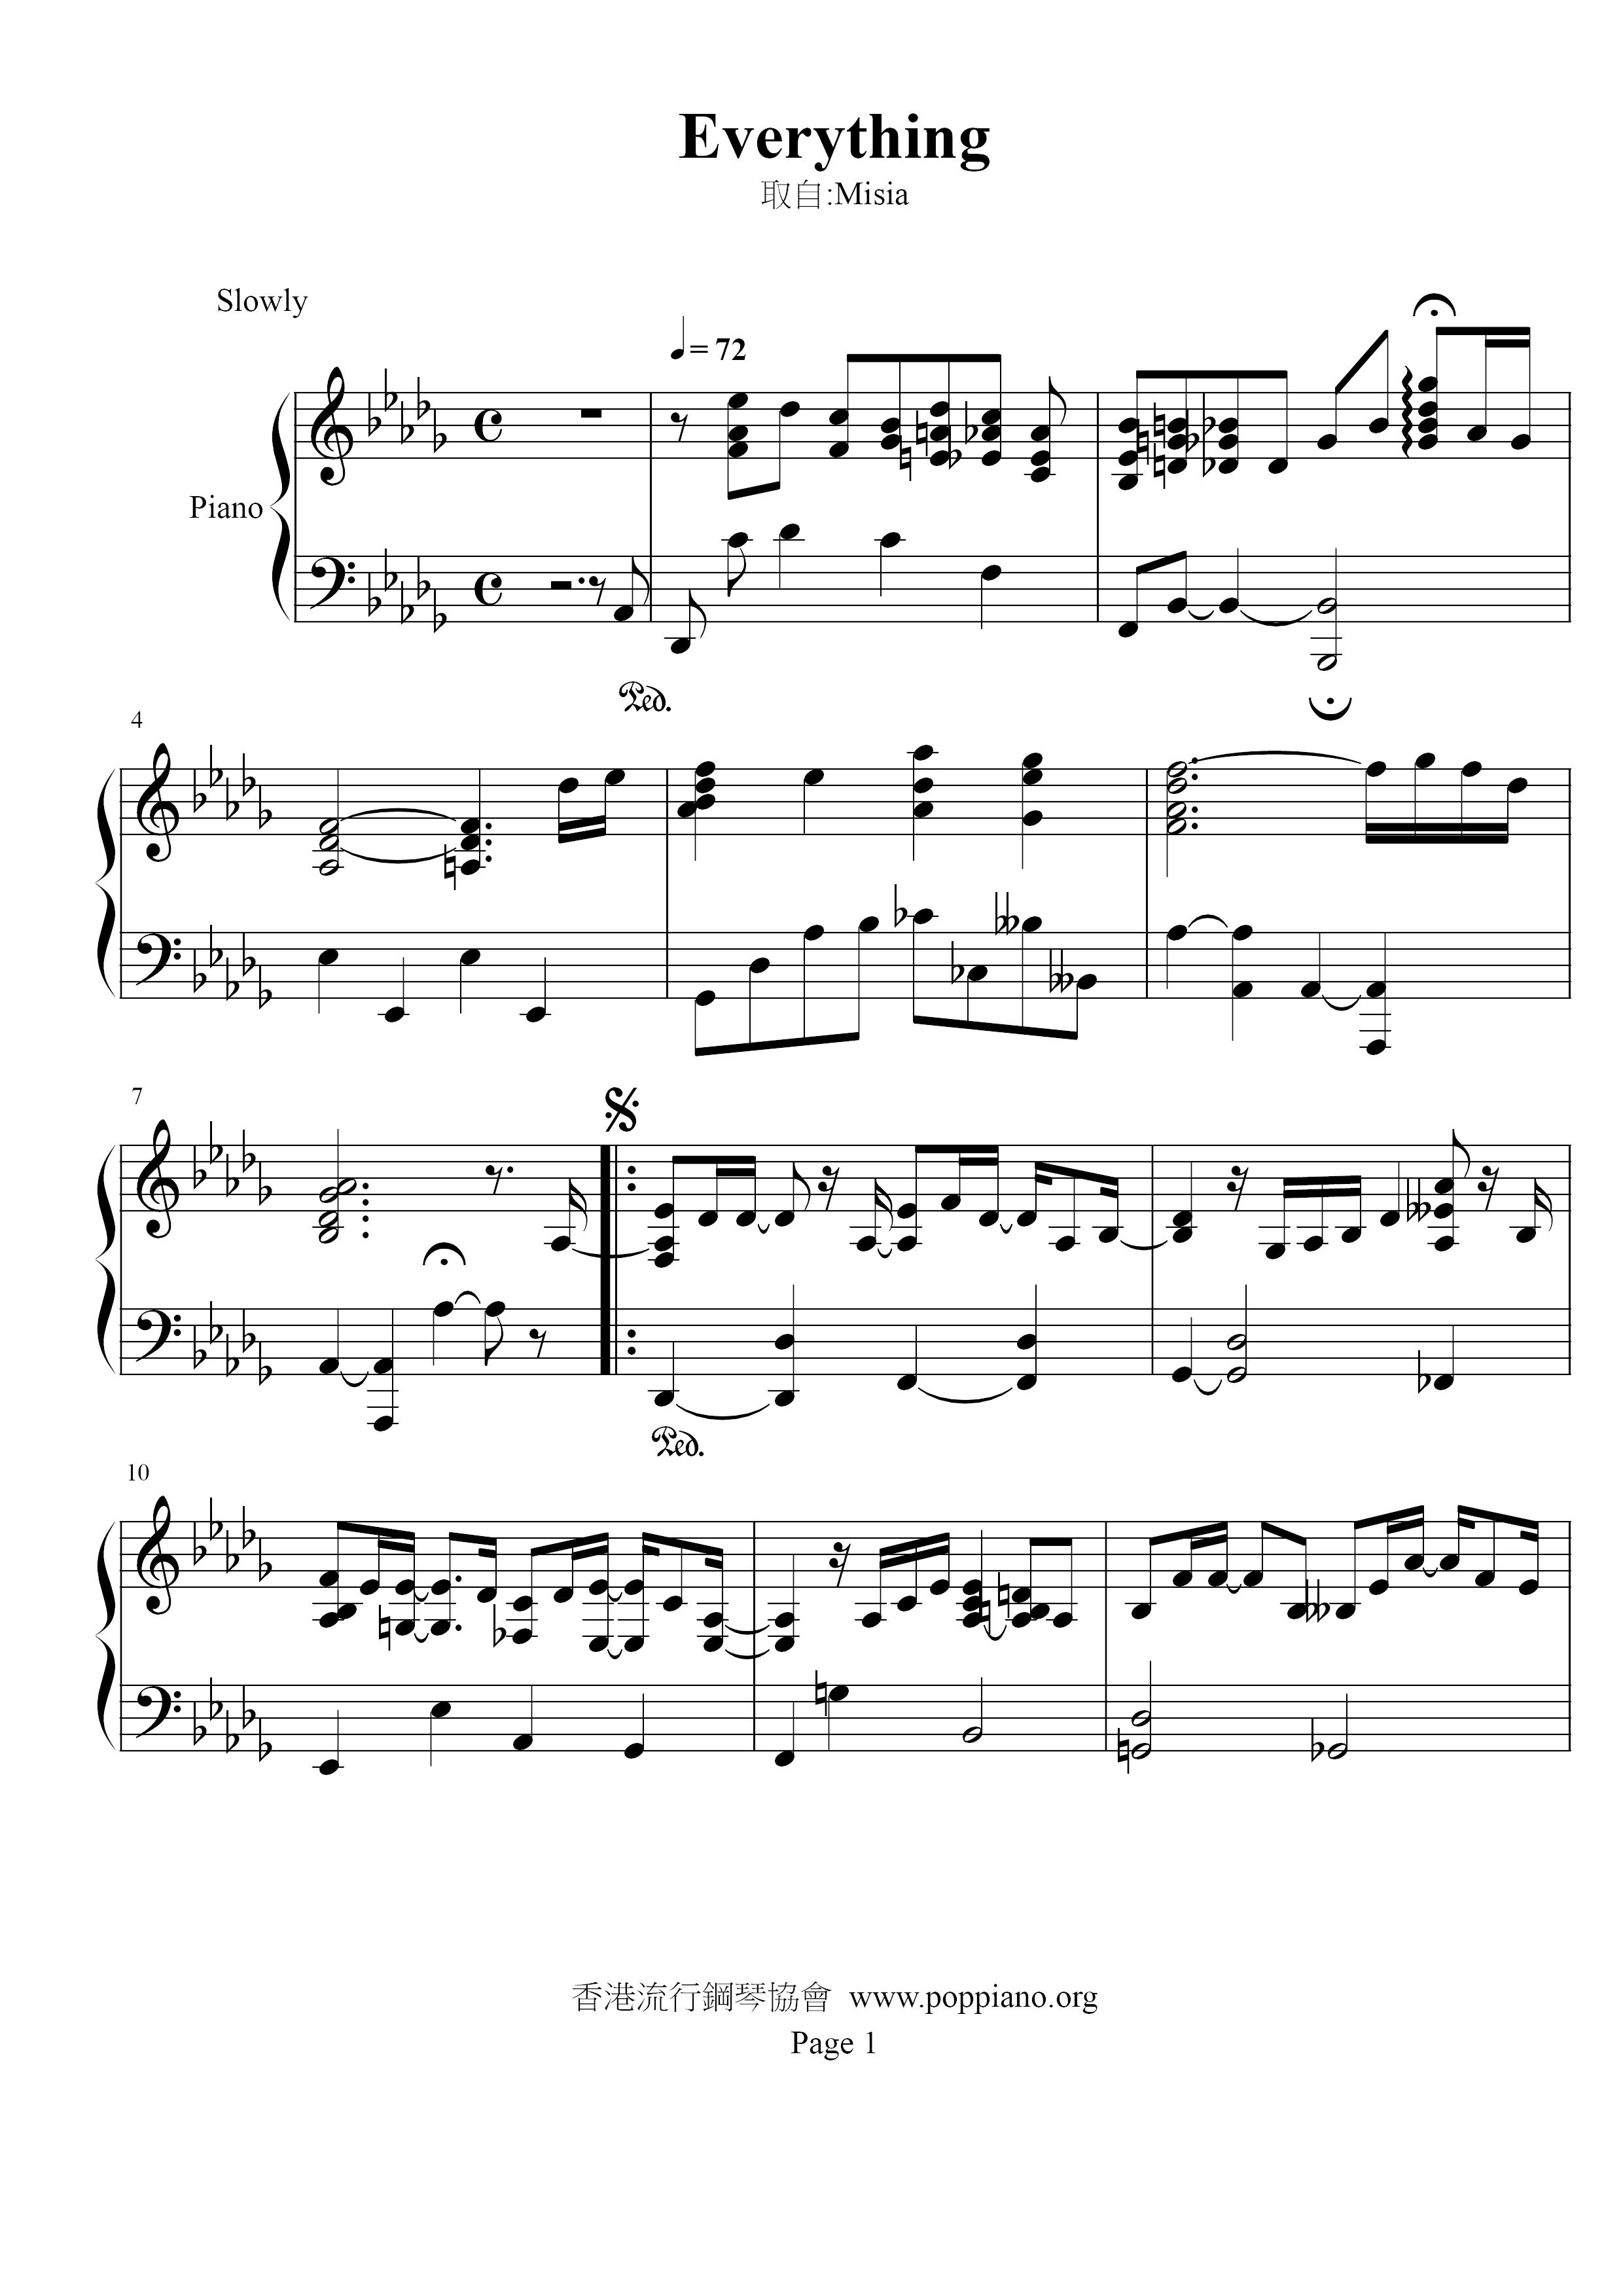 Misia Everything Sheet Music Pdf ßーシャ Free Score Download